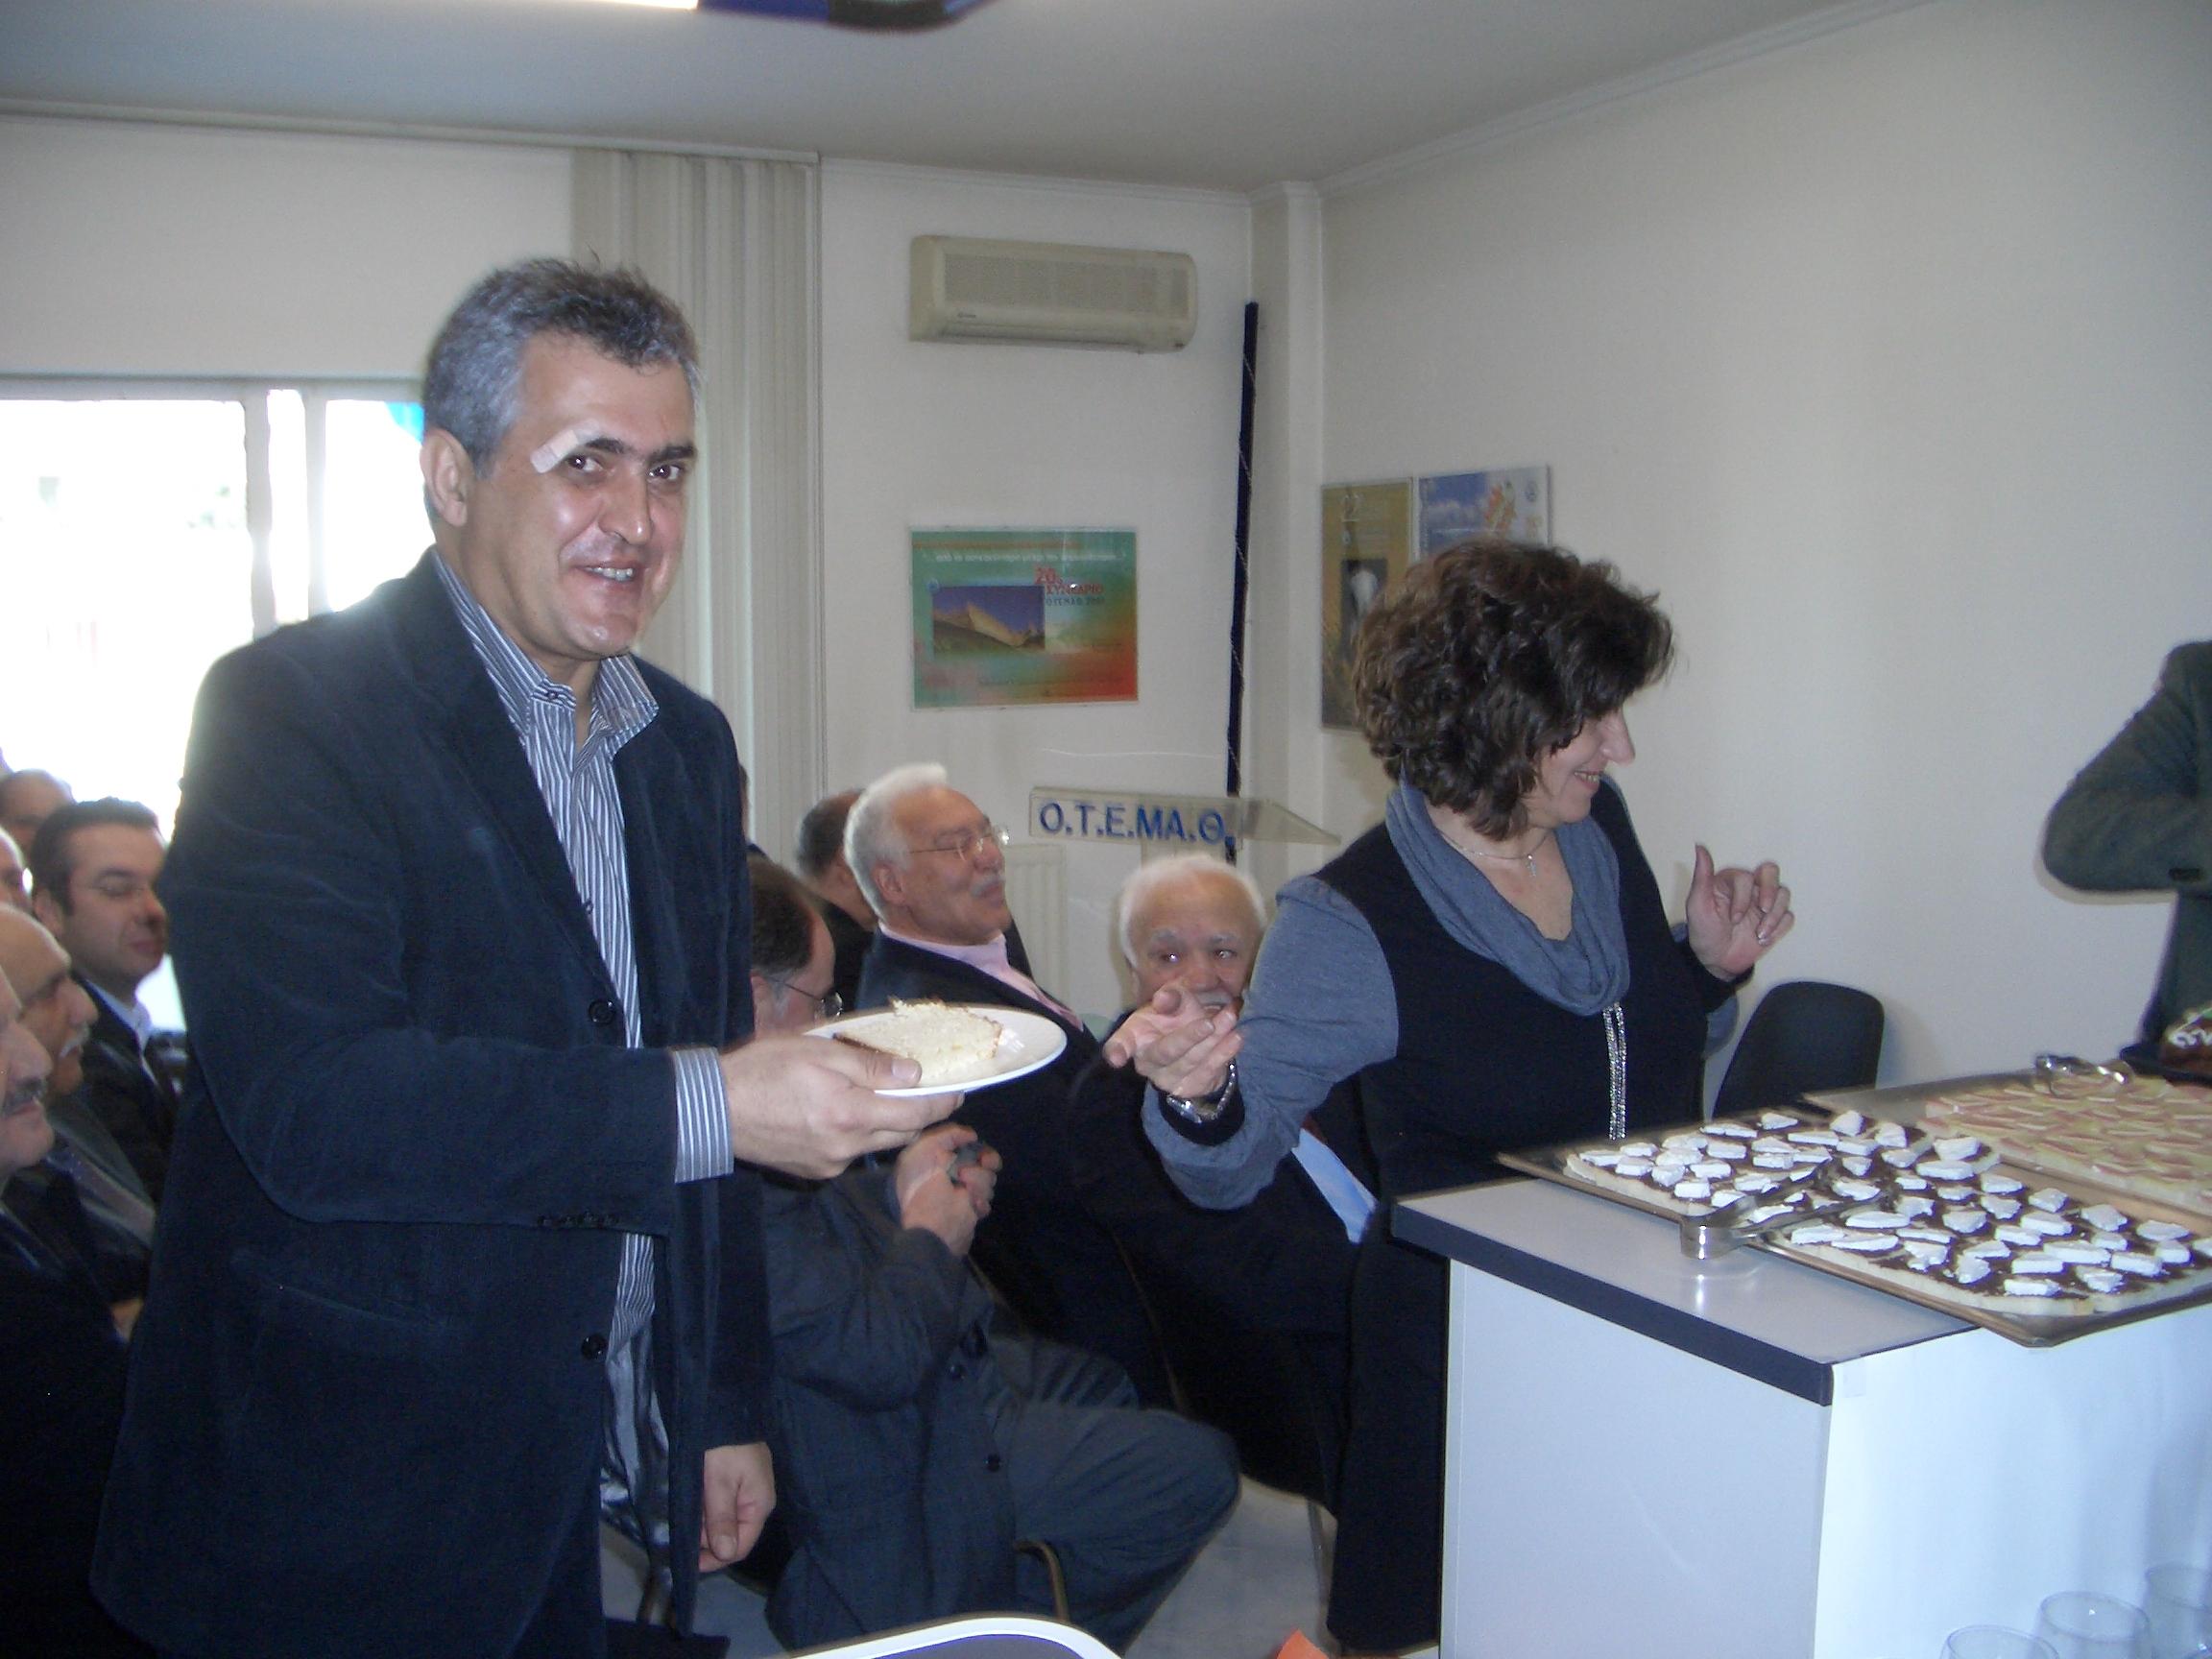 Κοπή Πίτας Ο.Τ.Ε.Μα.Θ. 2010